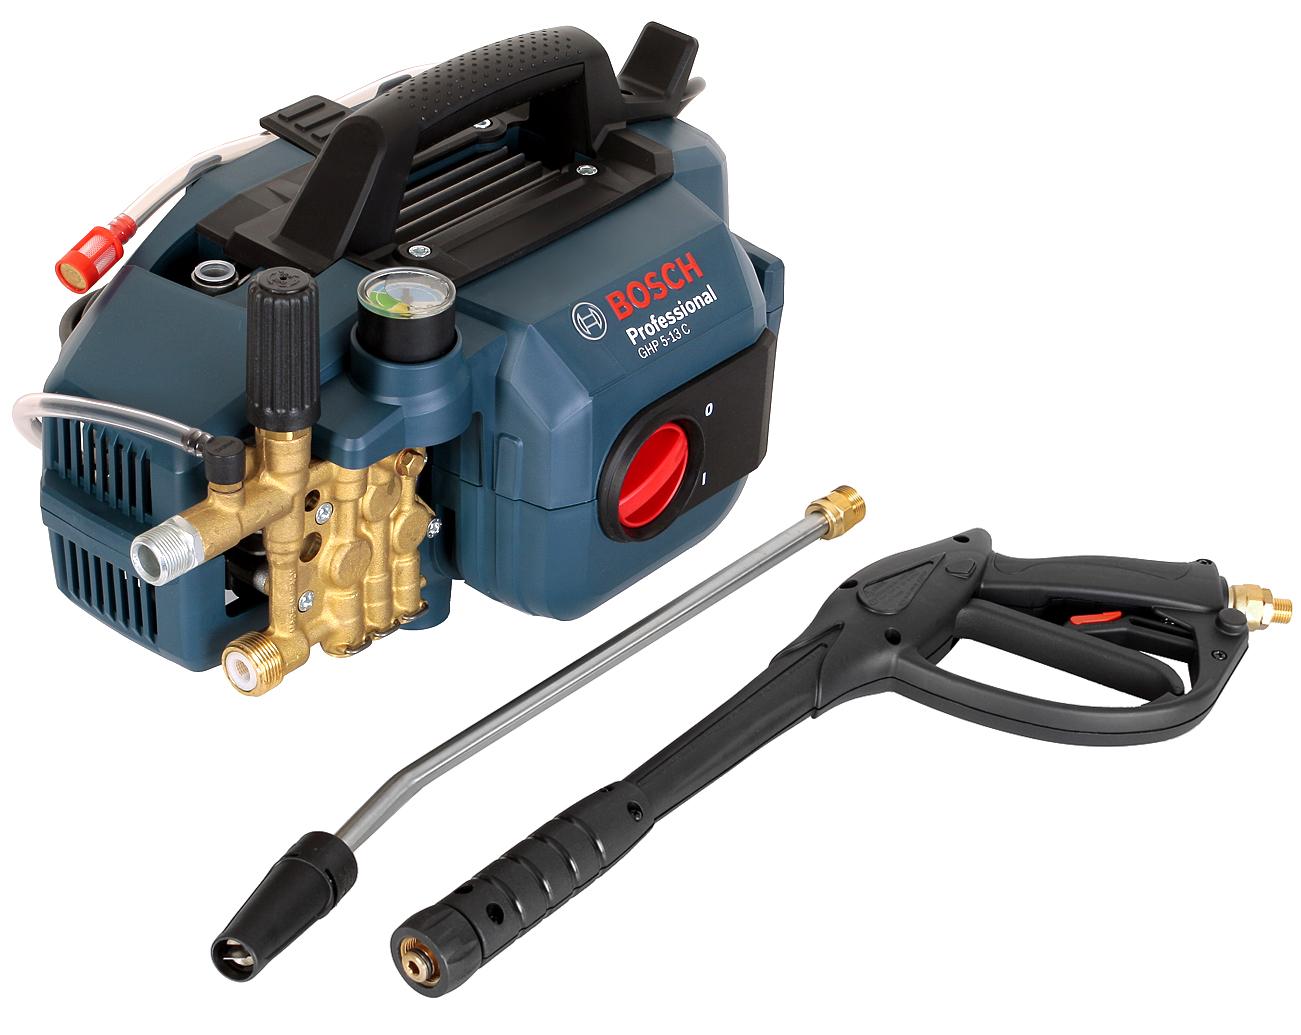 Купить Мойка высокого давления Bosch Ghp 5-13 c (0.600.910.000)